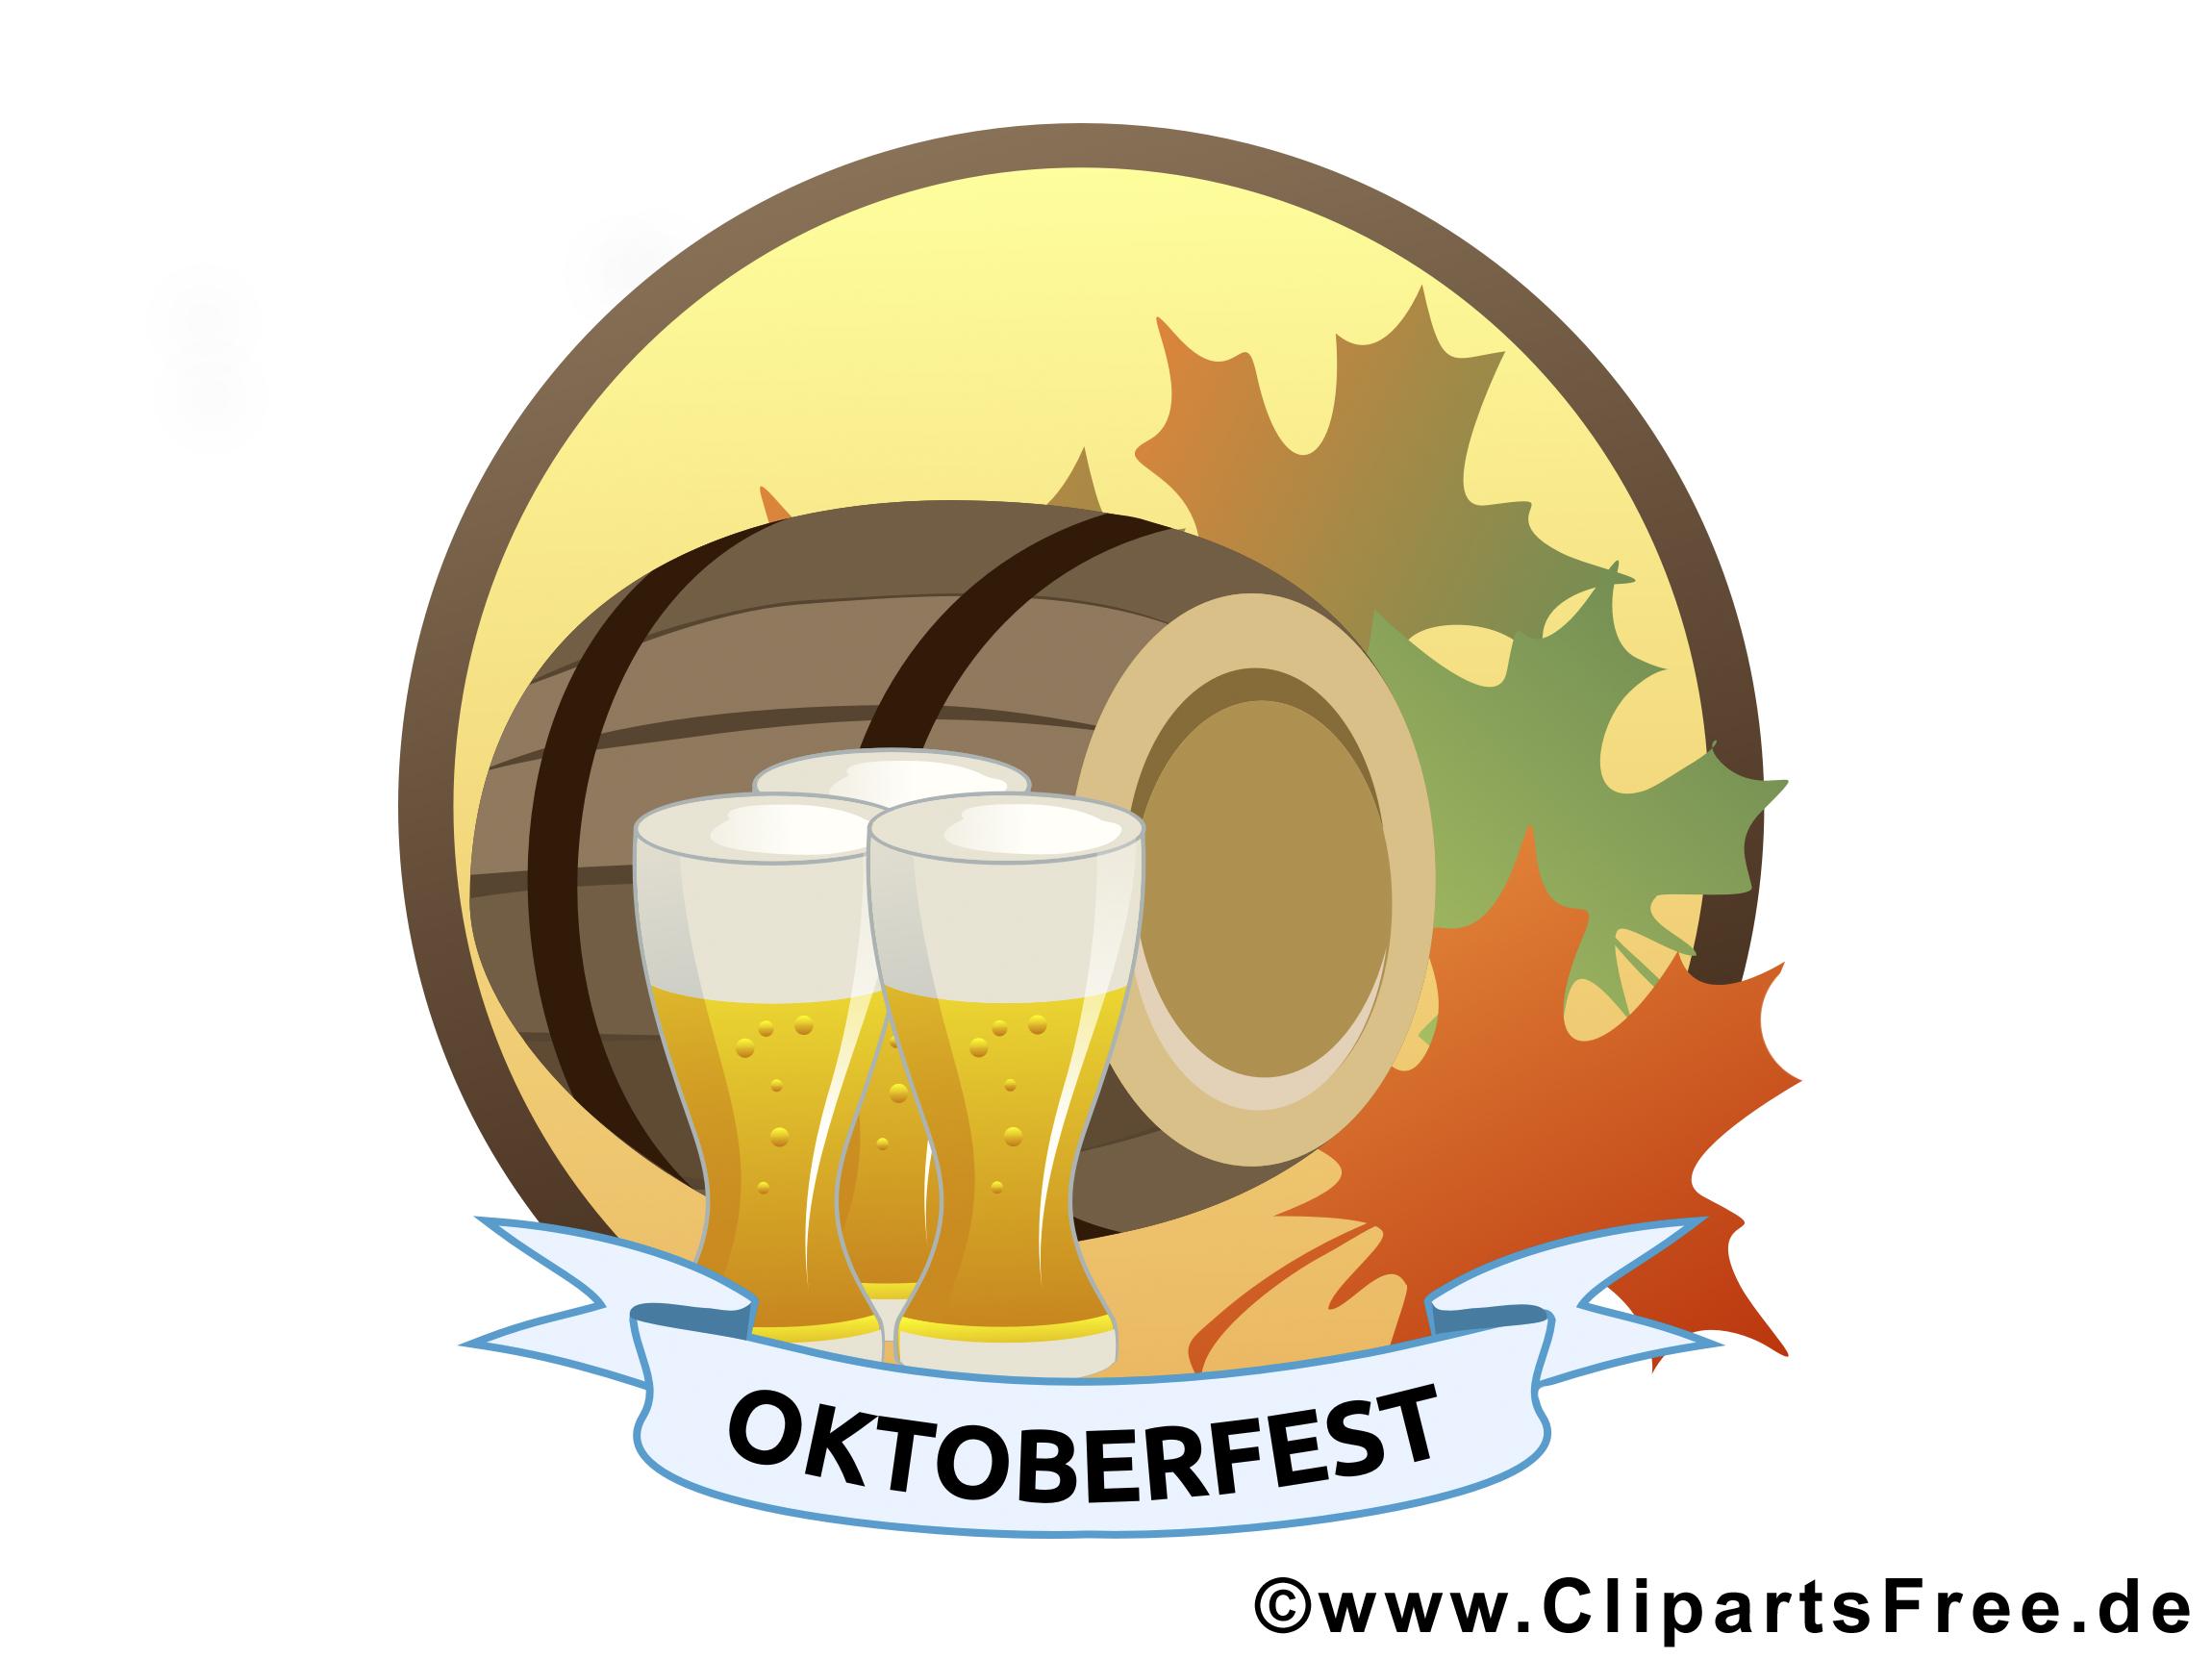 Darmowa grafika, kliparty Oktoberfest, piwo